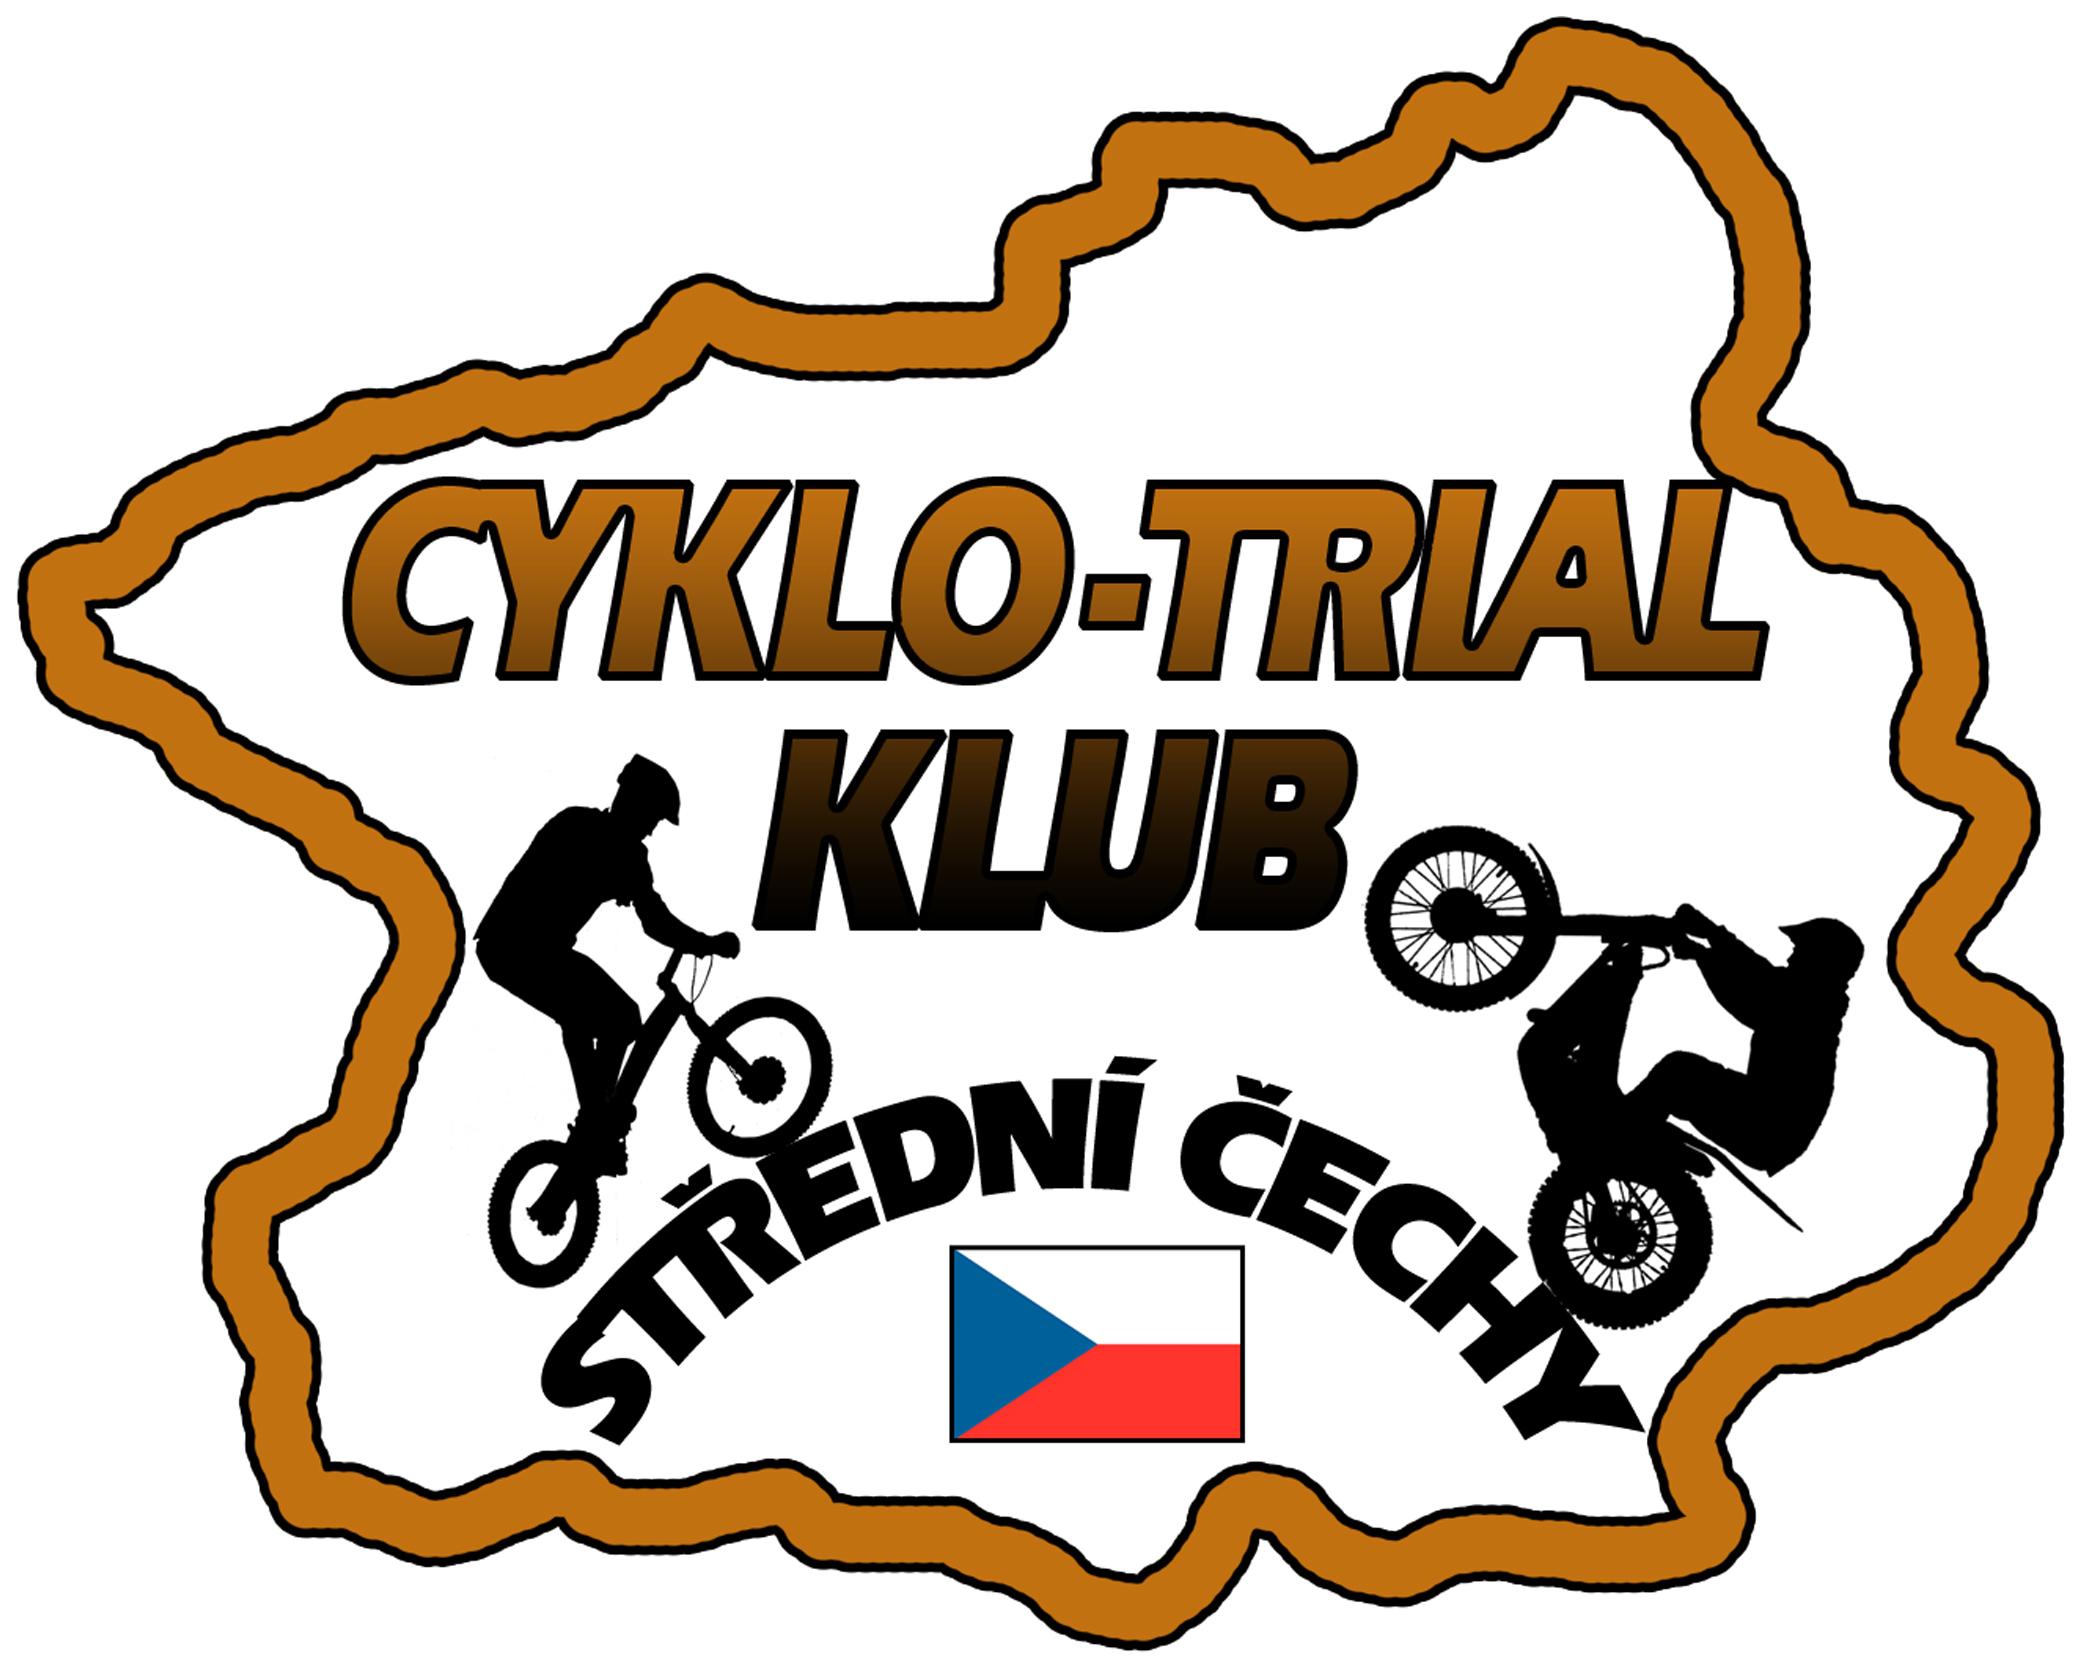 Logo Cyklo-trial klub